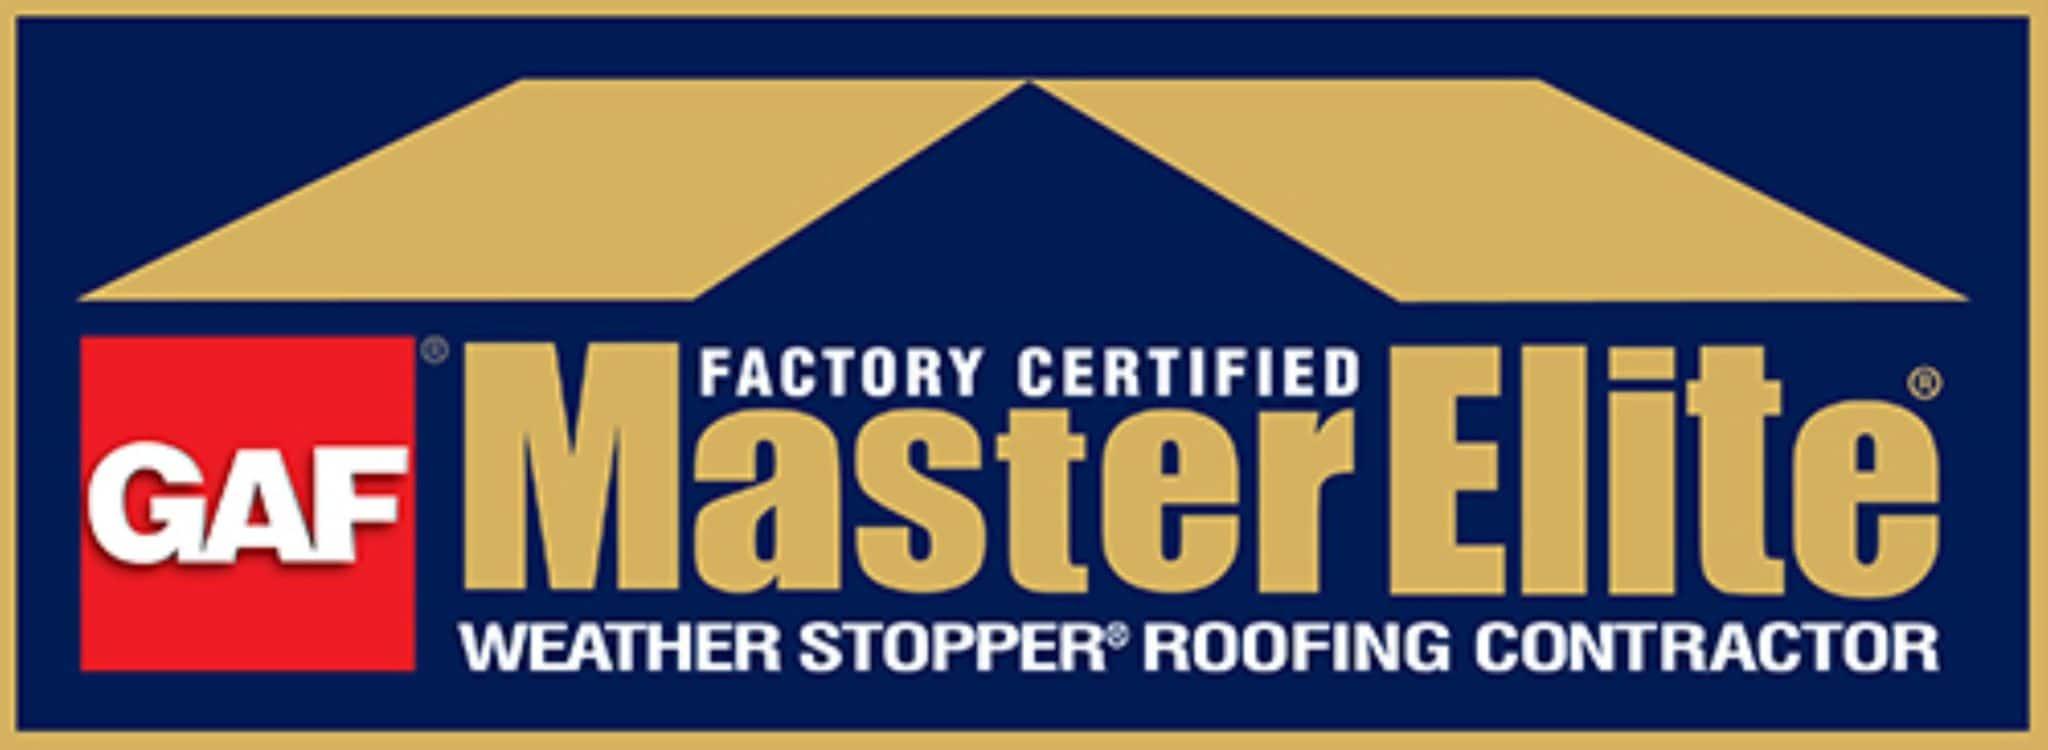 GAF Master Elite certified